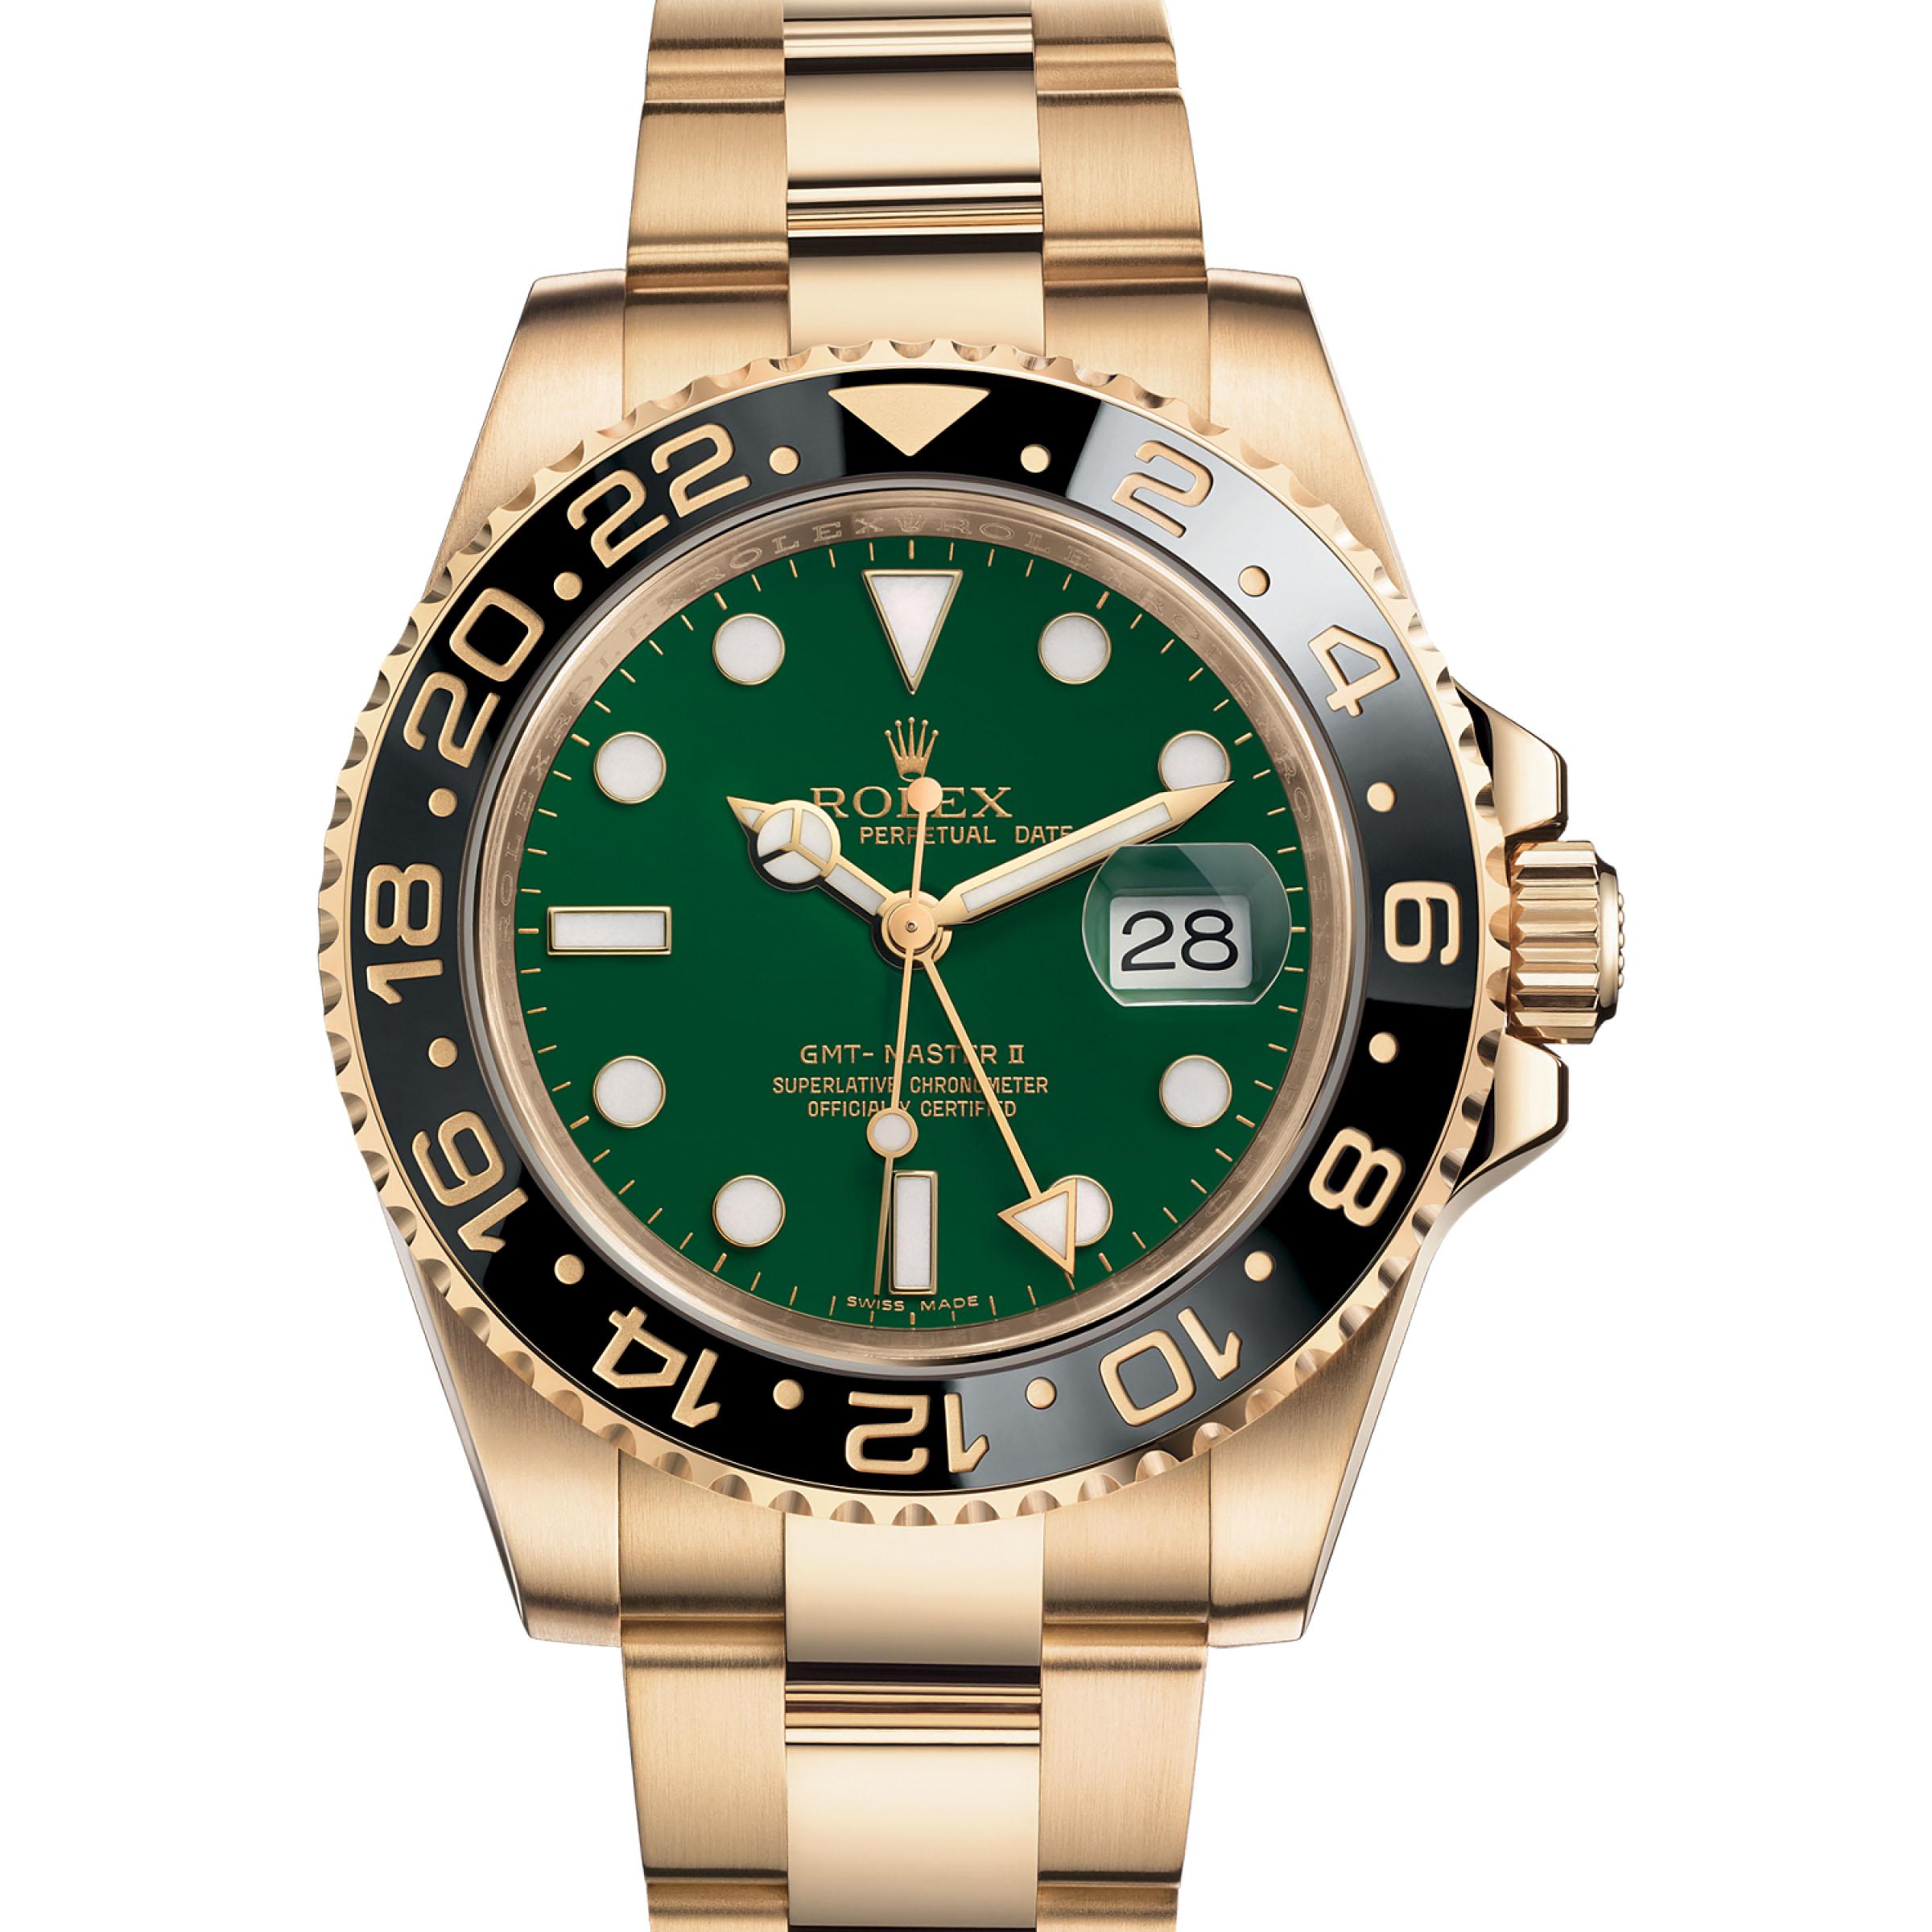 ROLEX GMT MASTER 116718LN